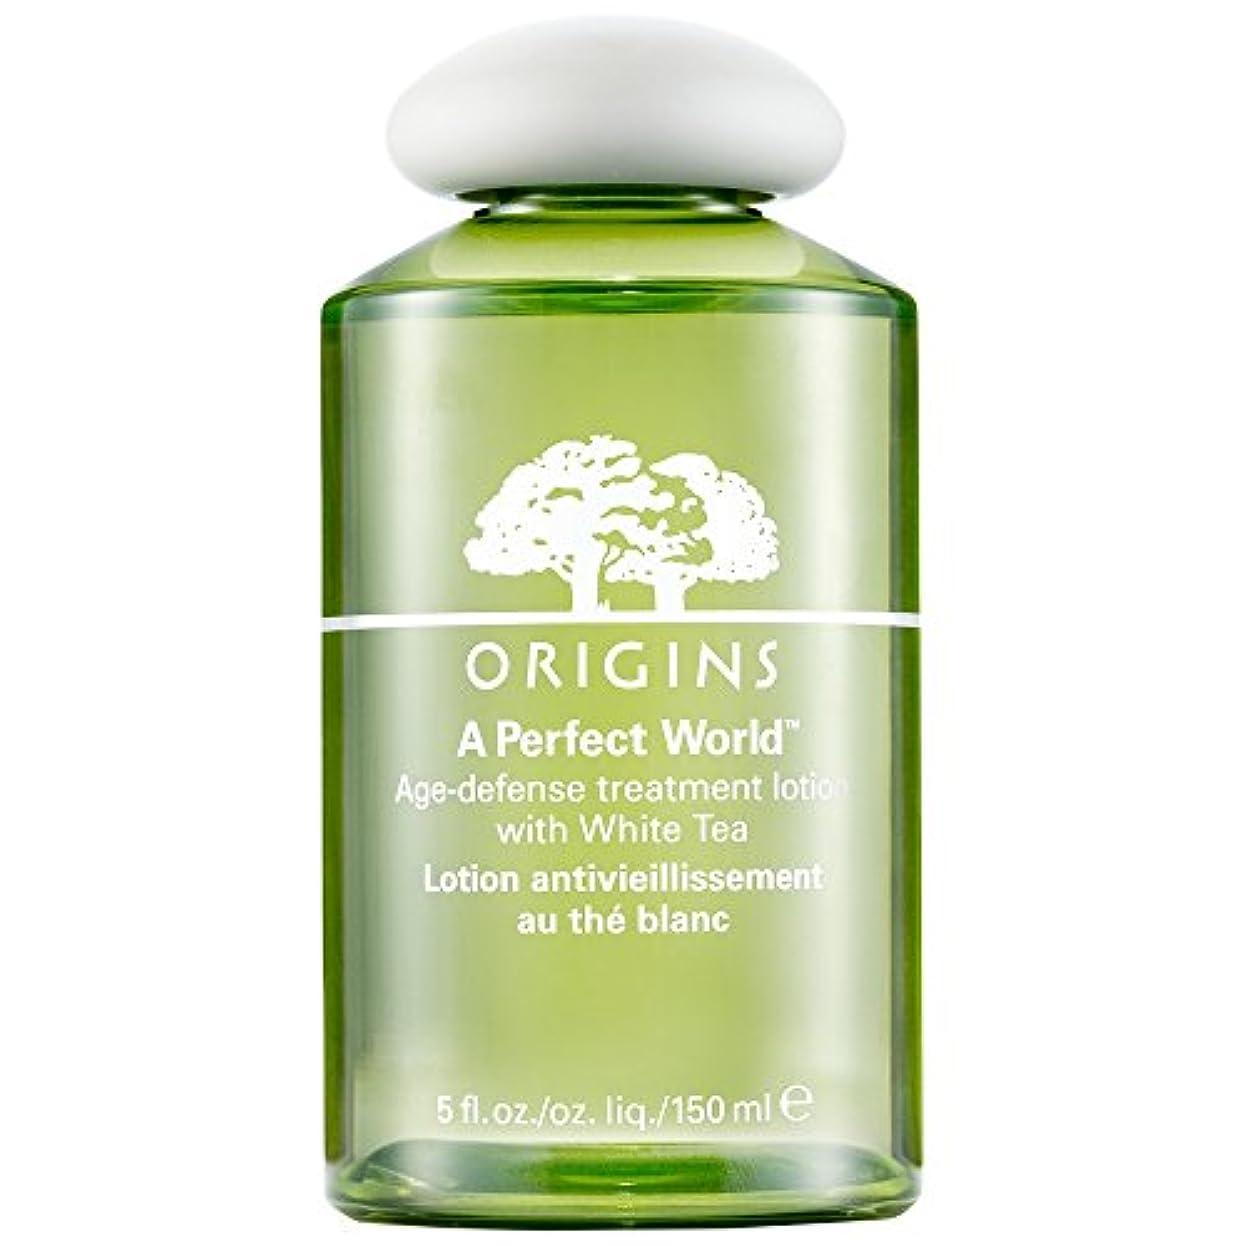 マーキングマーキング適用済み起源ホワイトティー、150ミリリットルとの完璧な世界の年齢防衛トリートメントローション (Origins) (x6) - Origins A Perfect World Age Defense Treatment Lotion...